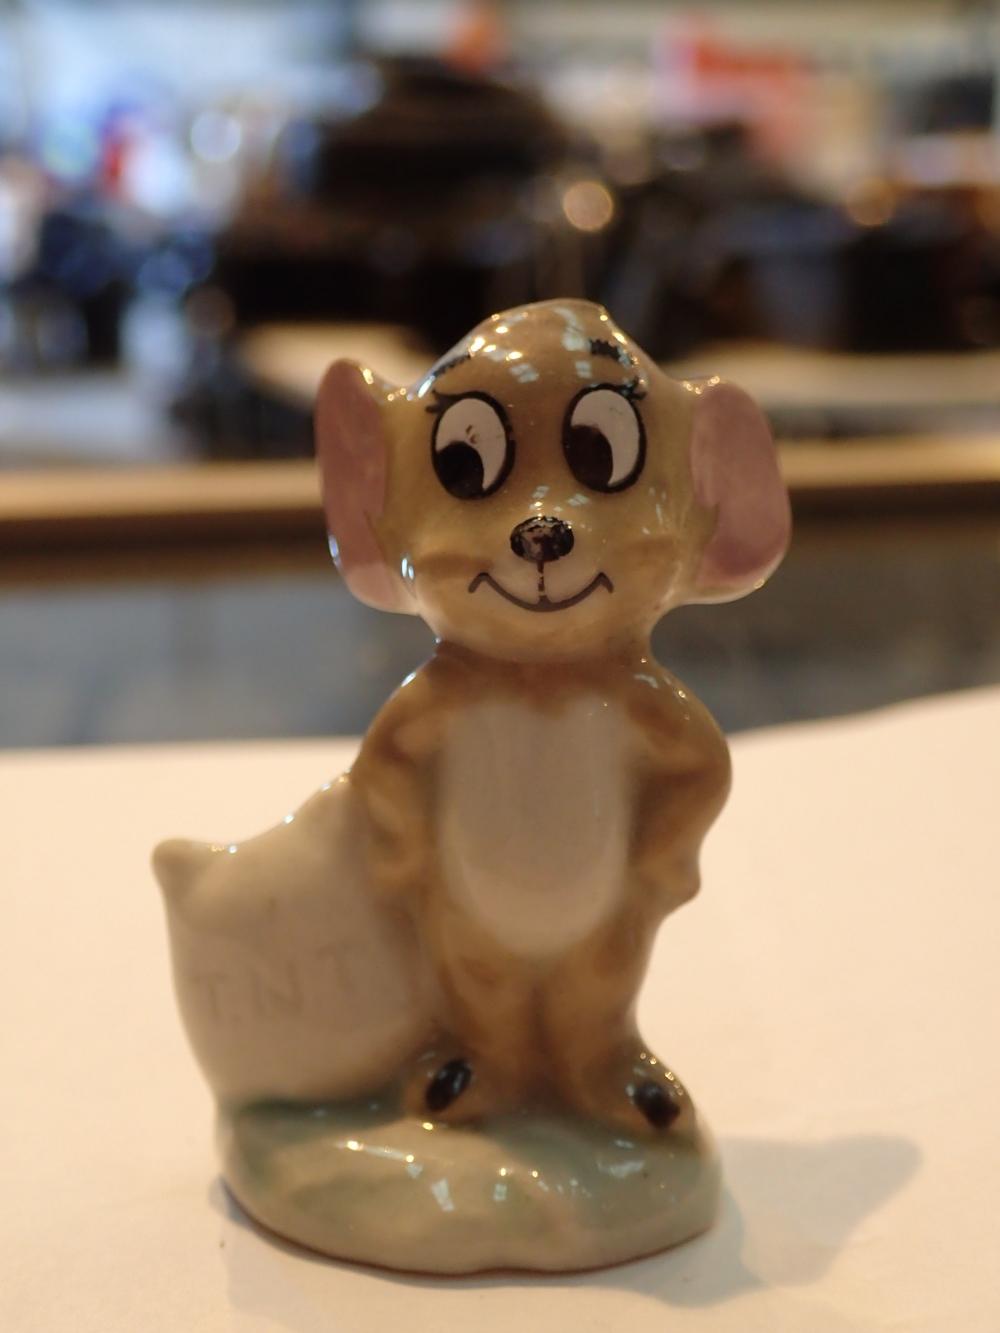 Lot 92 - Wade Jerry Tom & Jerry figurine